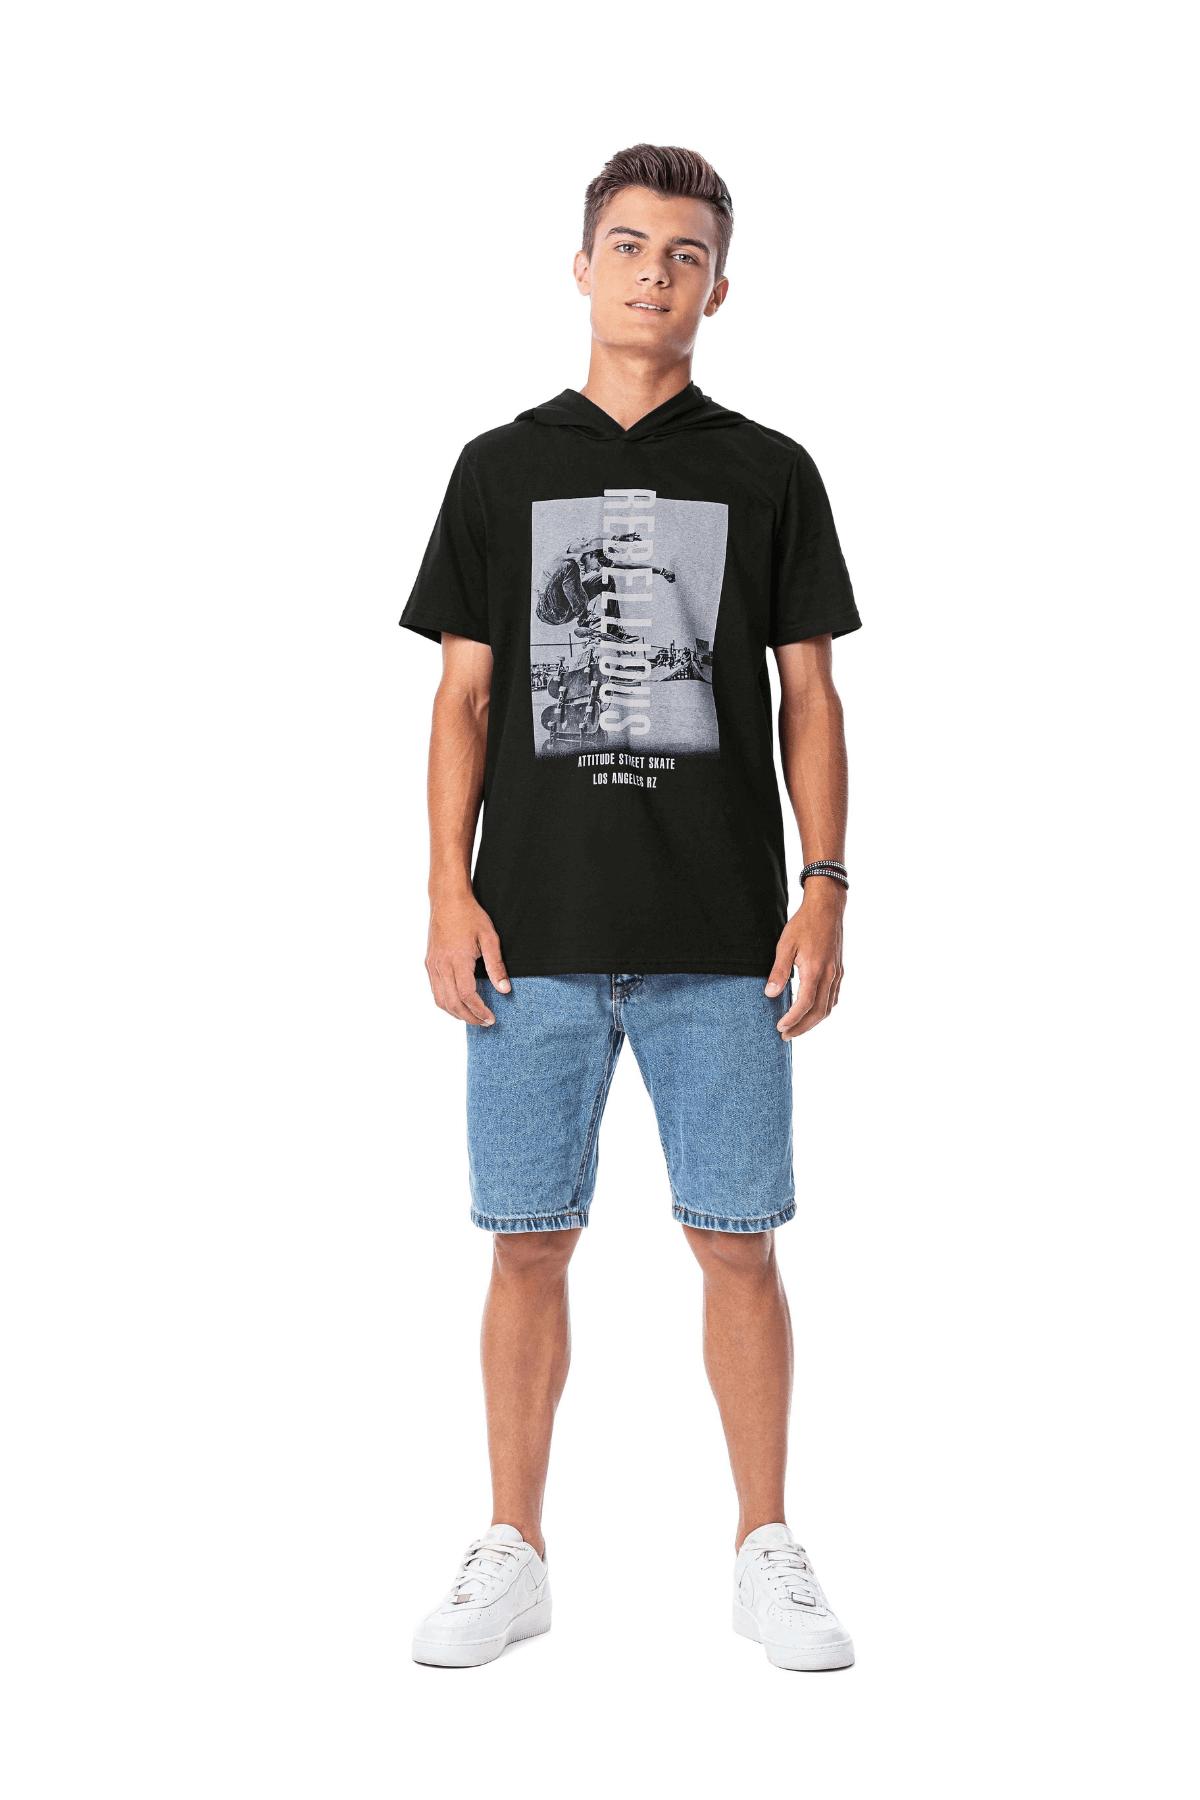 Camiseta Juvenil com Capuz Rebelions - Rezzato